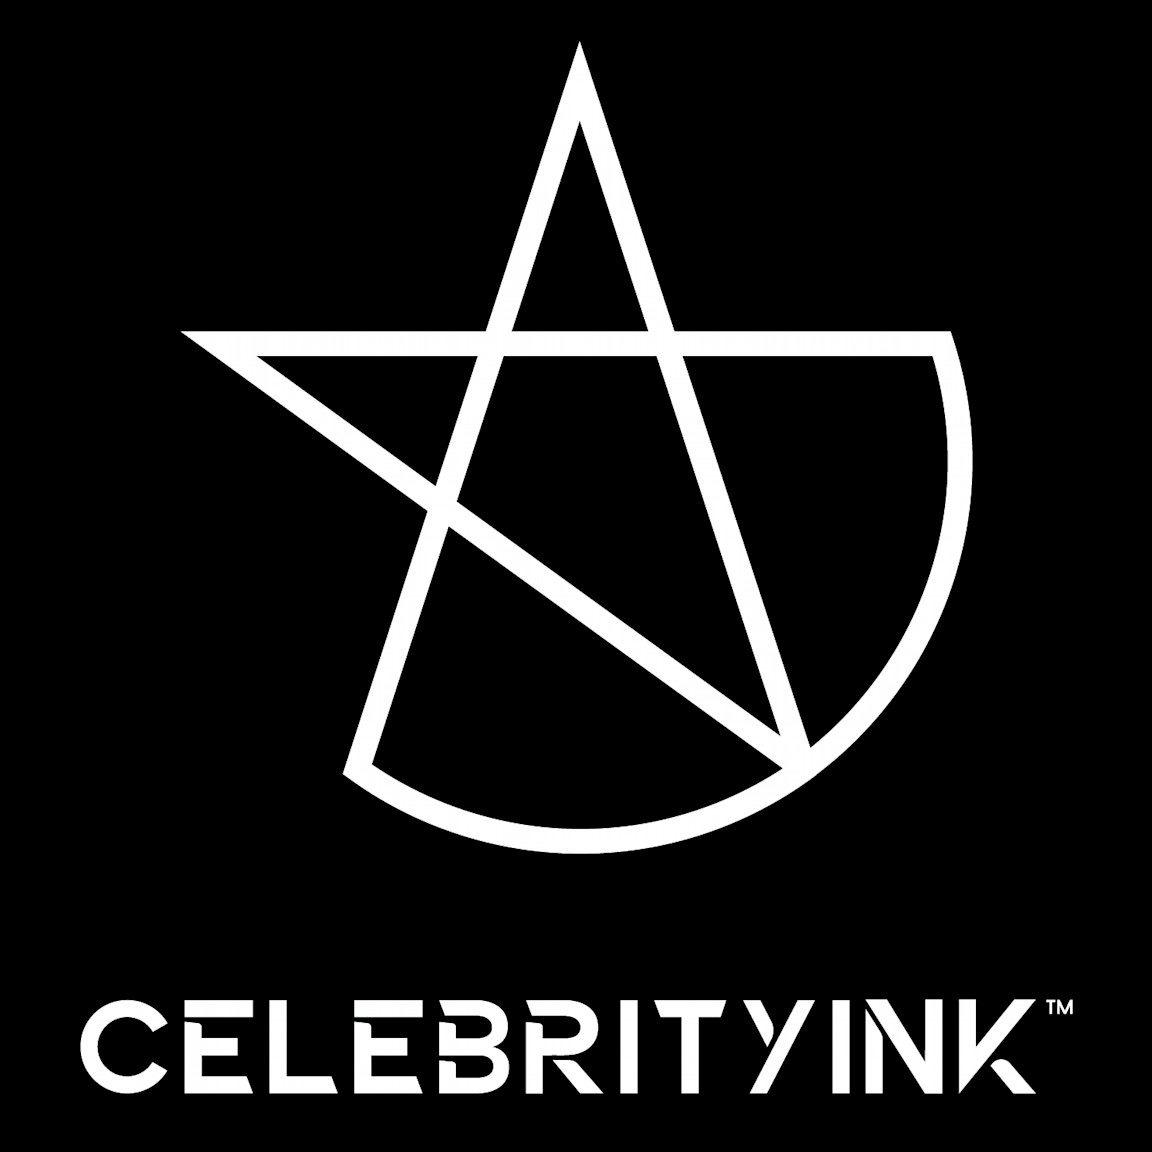 celebrity ink